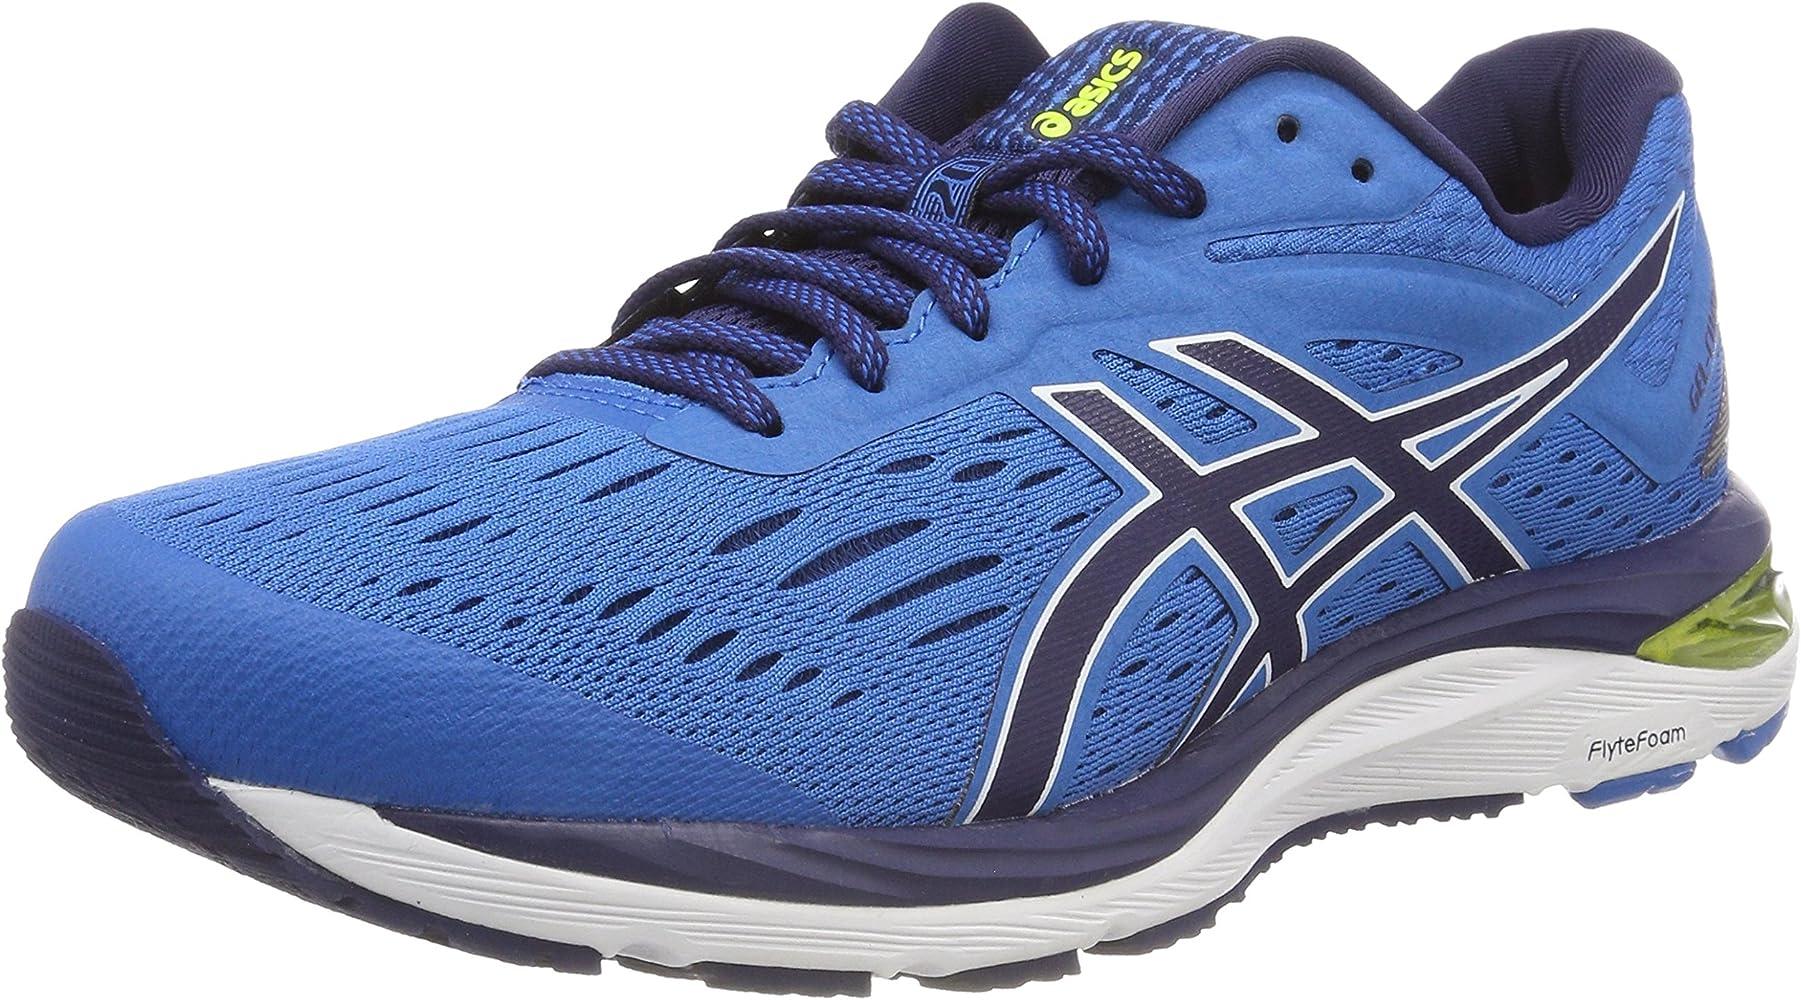 Asics Gel Cumulus 20 Mens Running Shoe